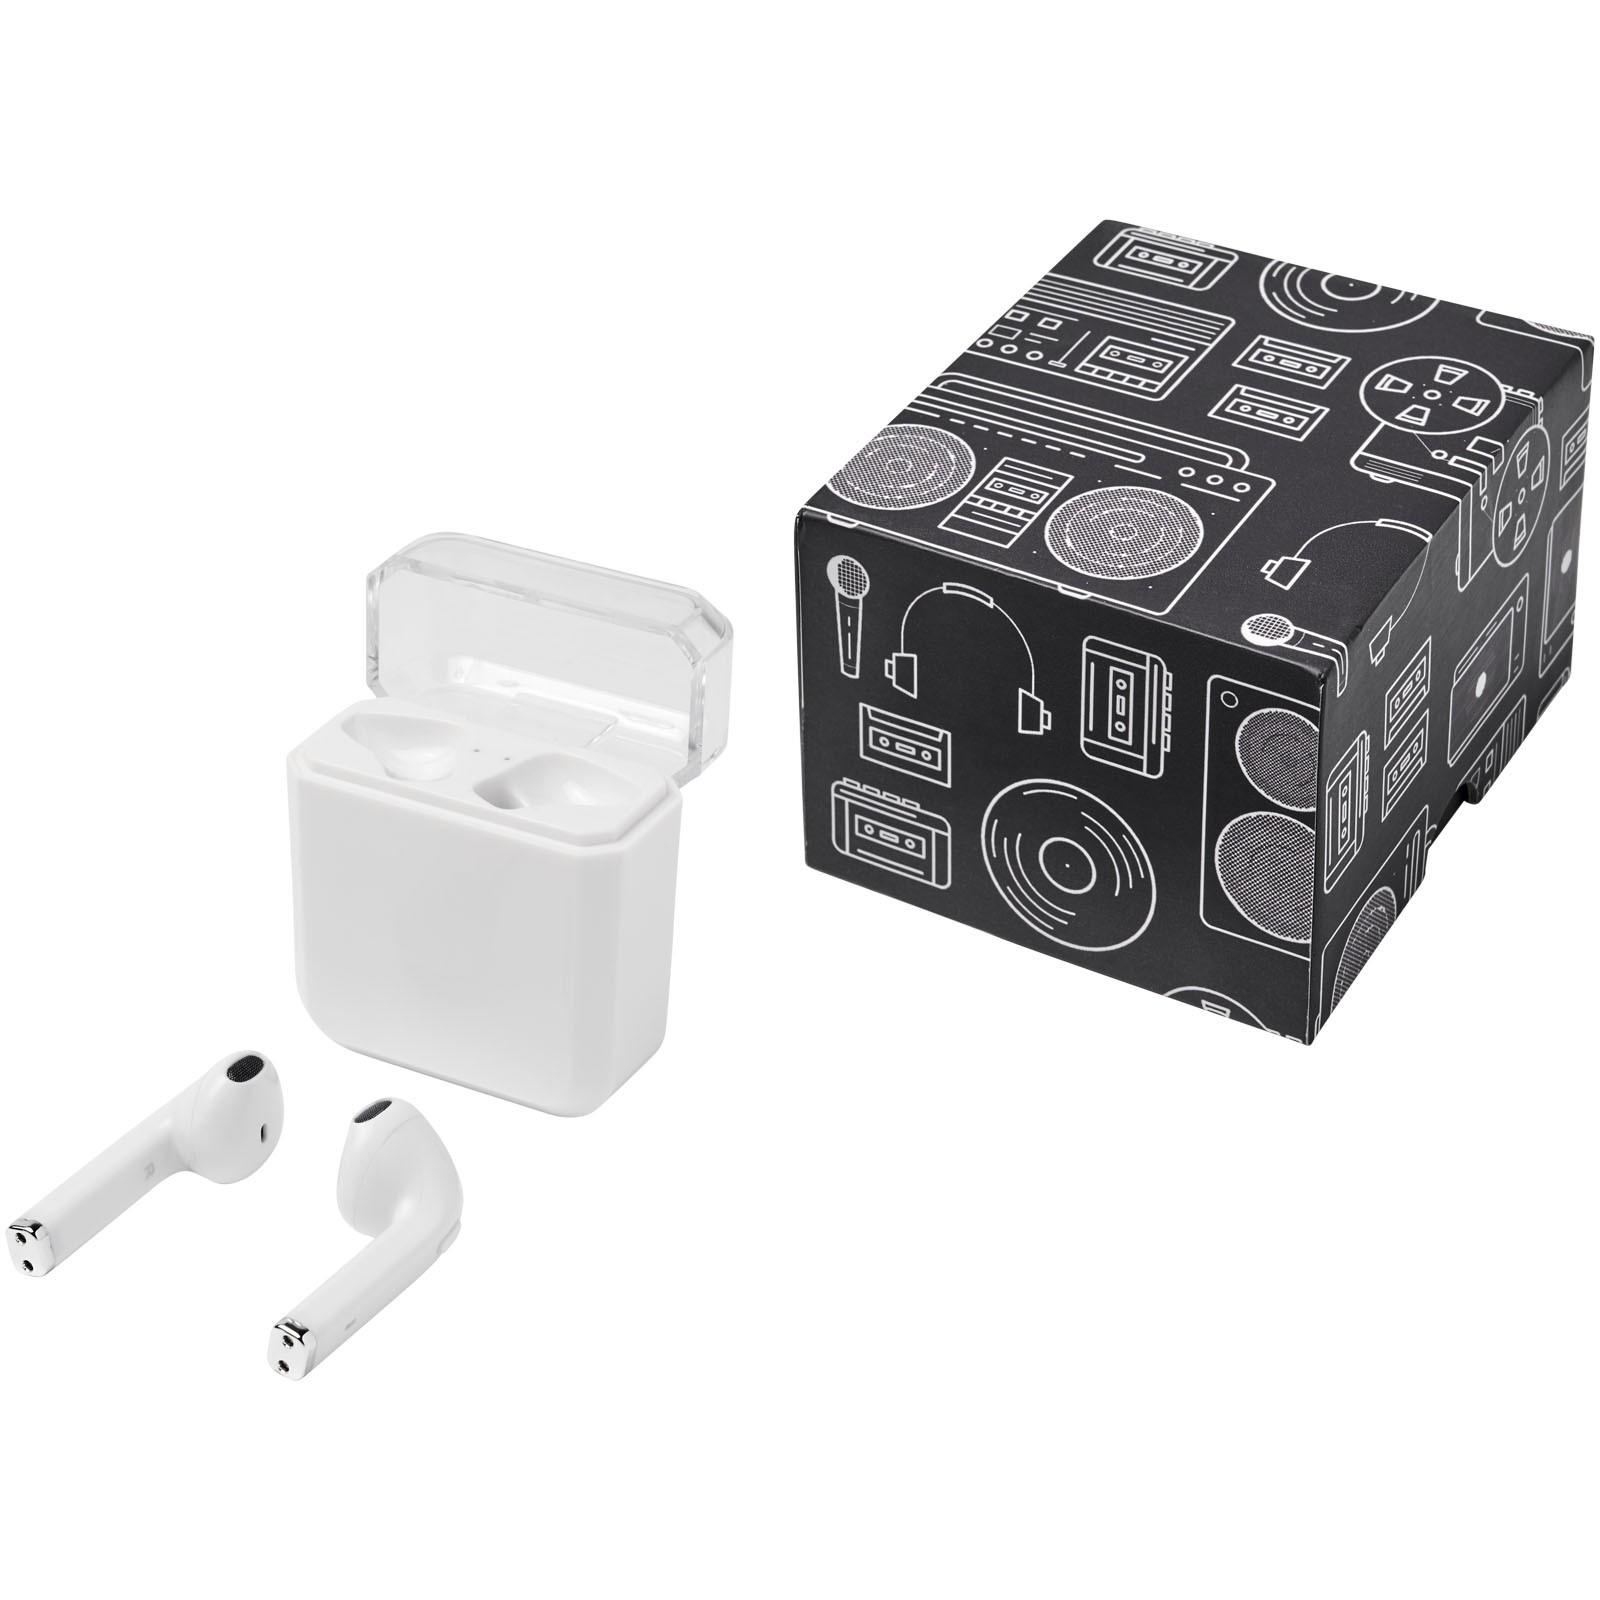 Braavos True Wireless auto pair earbuds - White